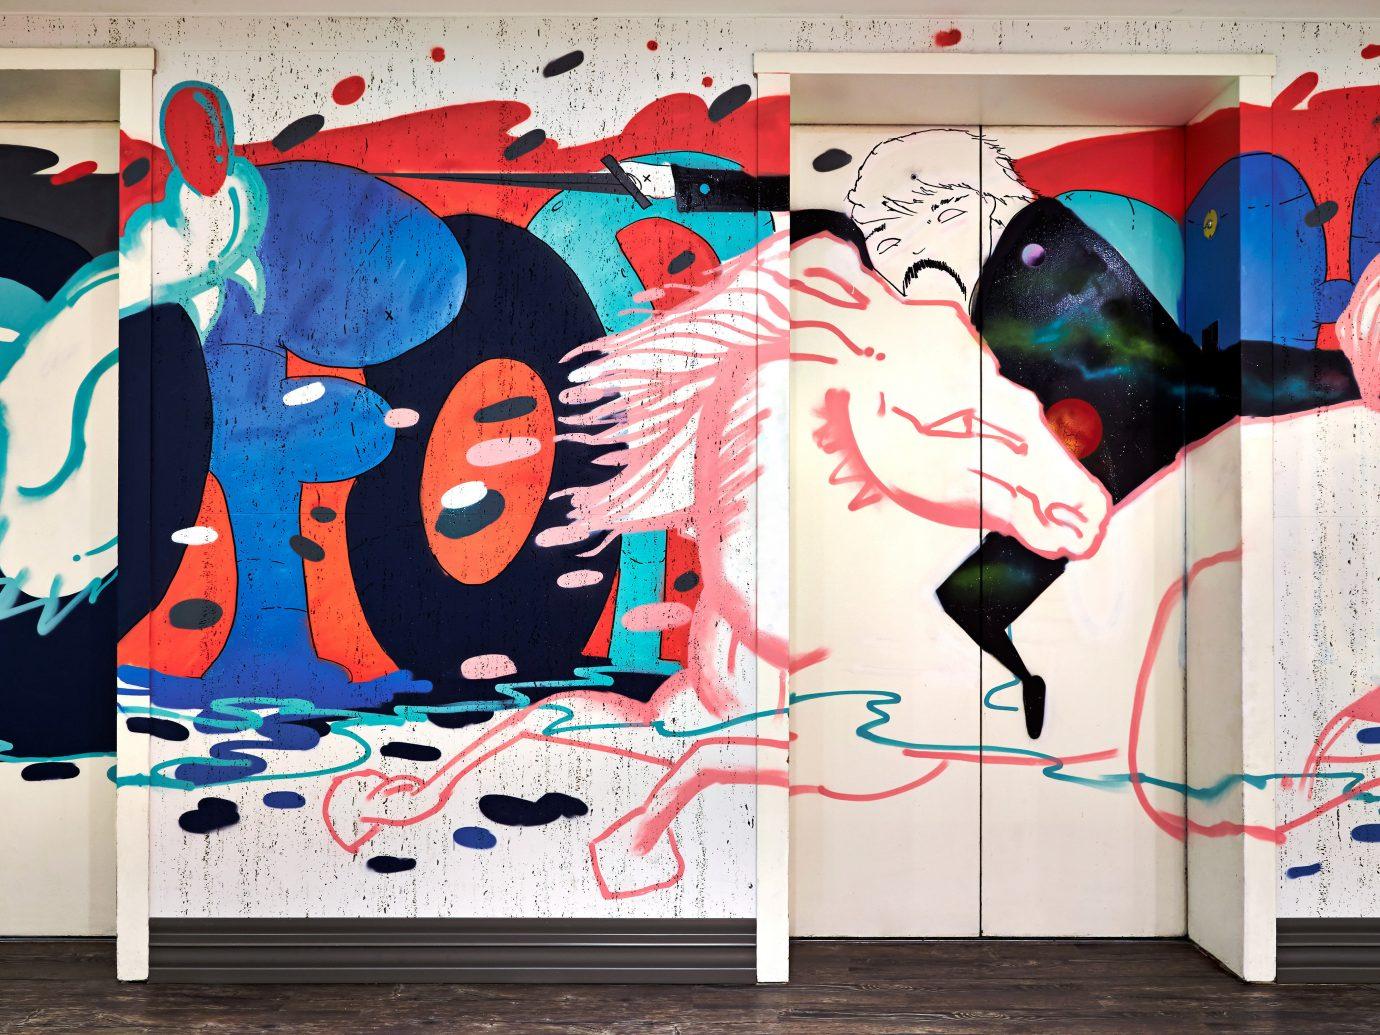 Boutique City Design Hip Hotels graffiti art street art mural modern art illustration abstract